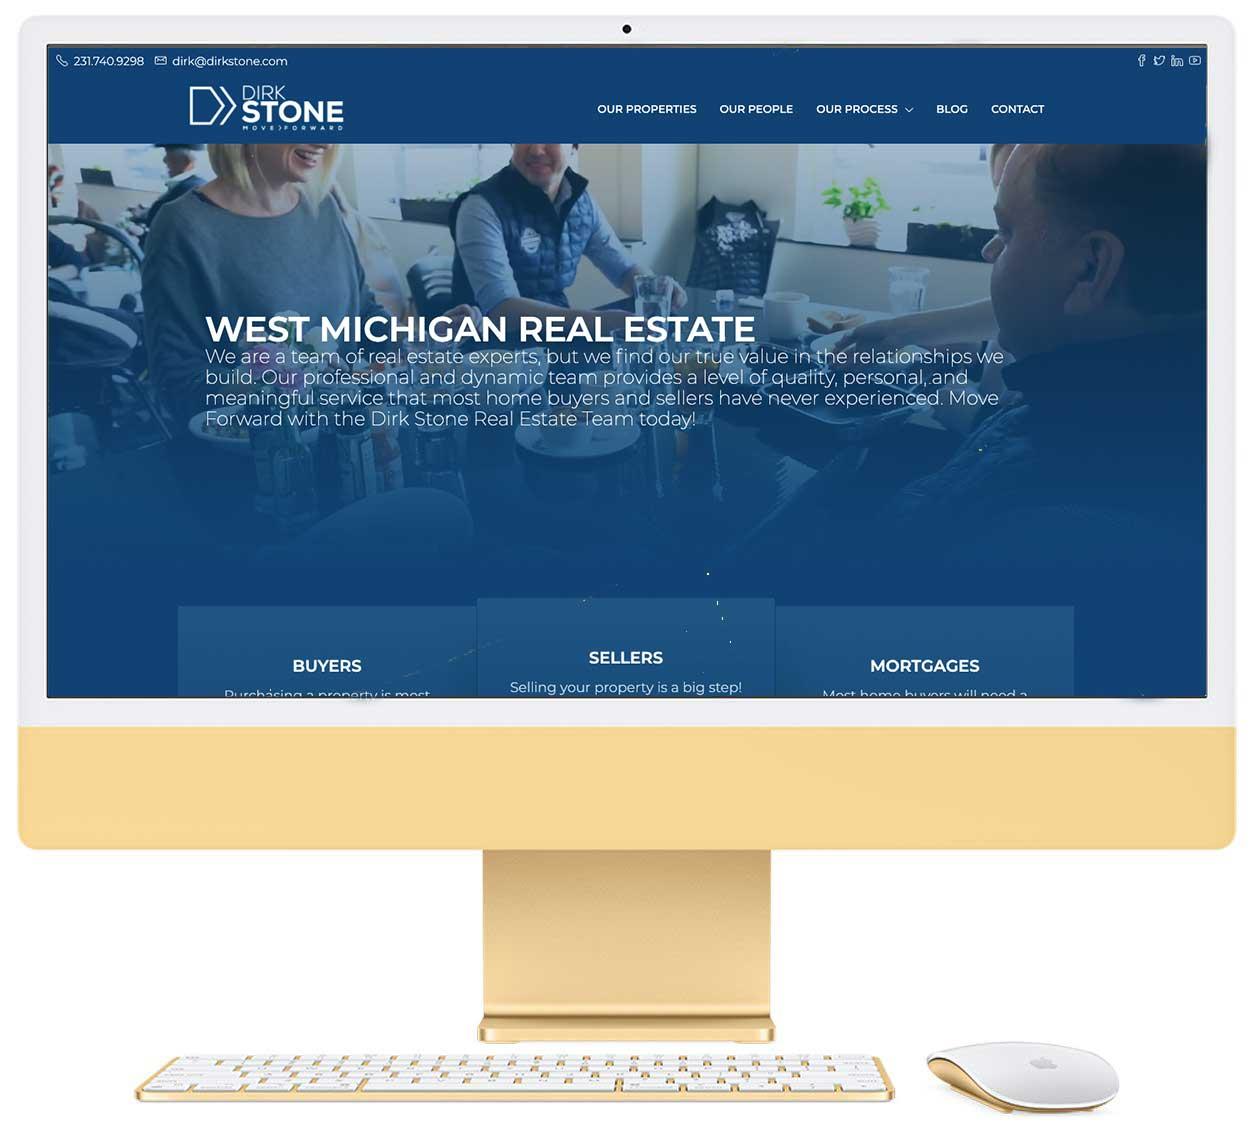 Dirk Stone Website